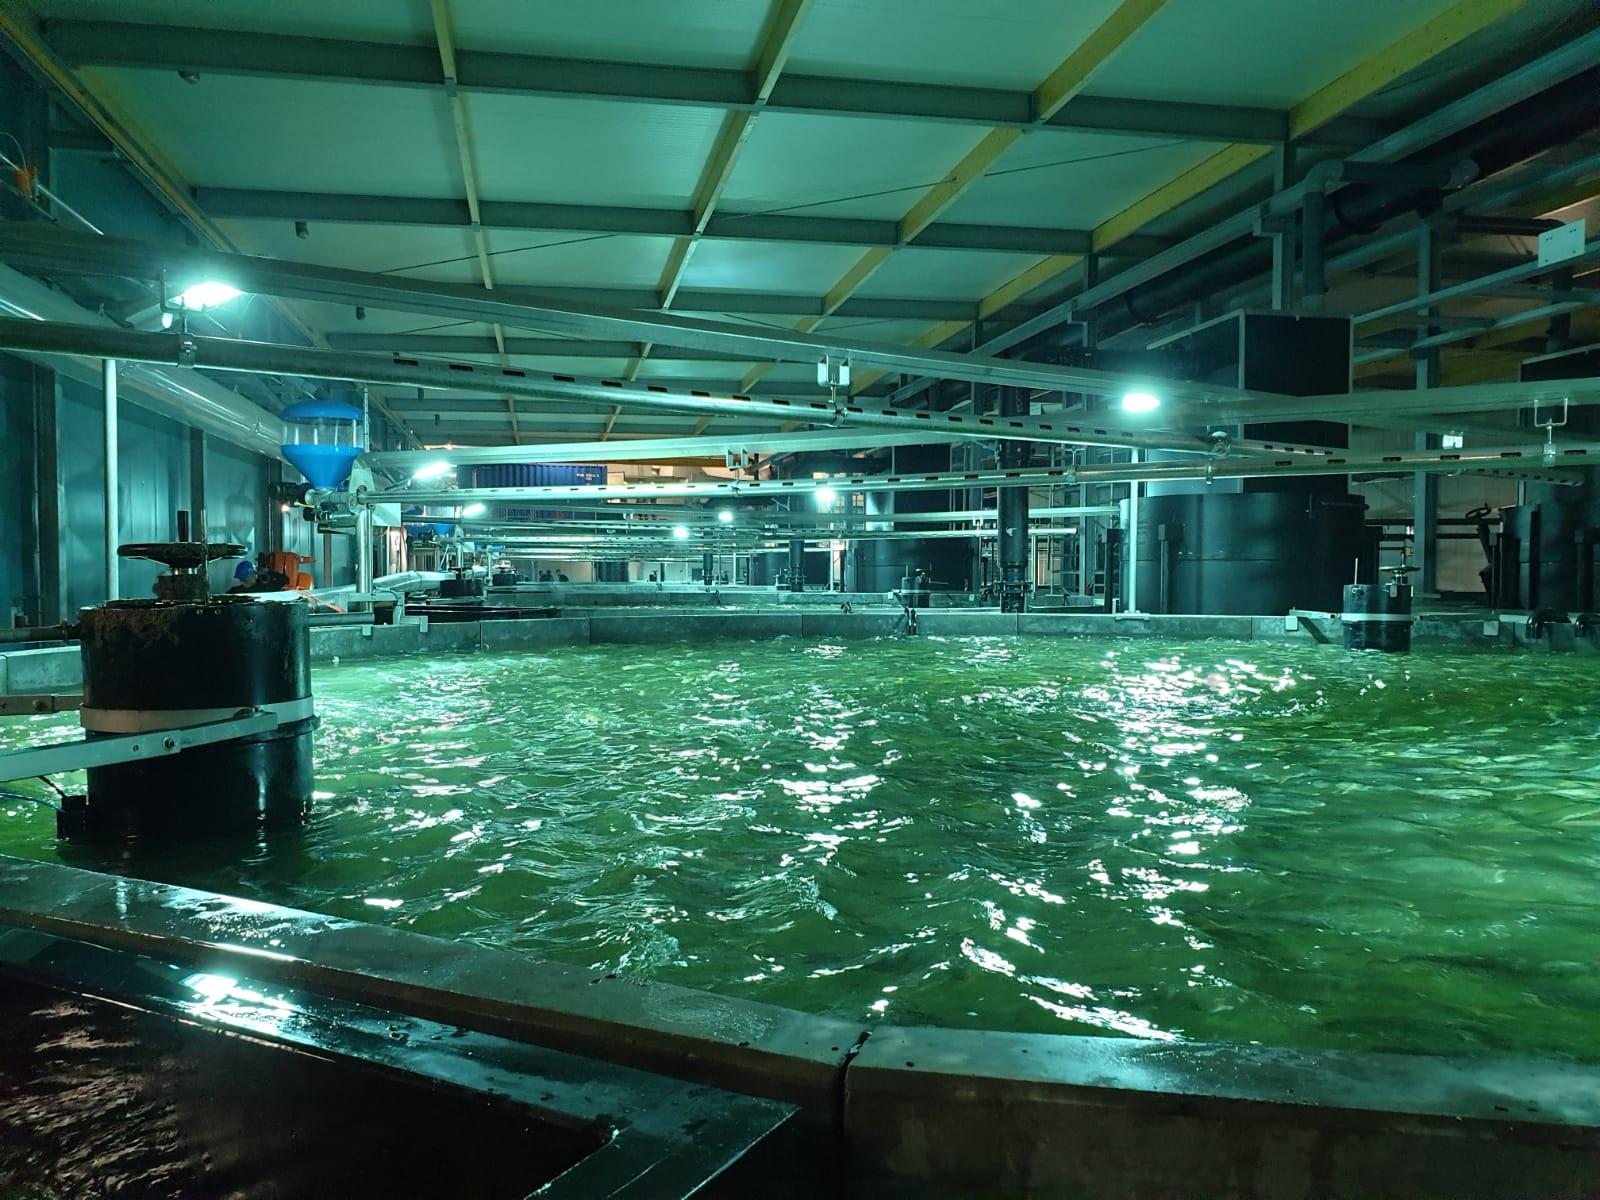 Viskwekerij project: Verwarming voor bassins